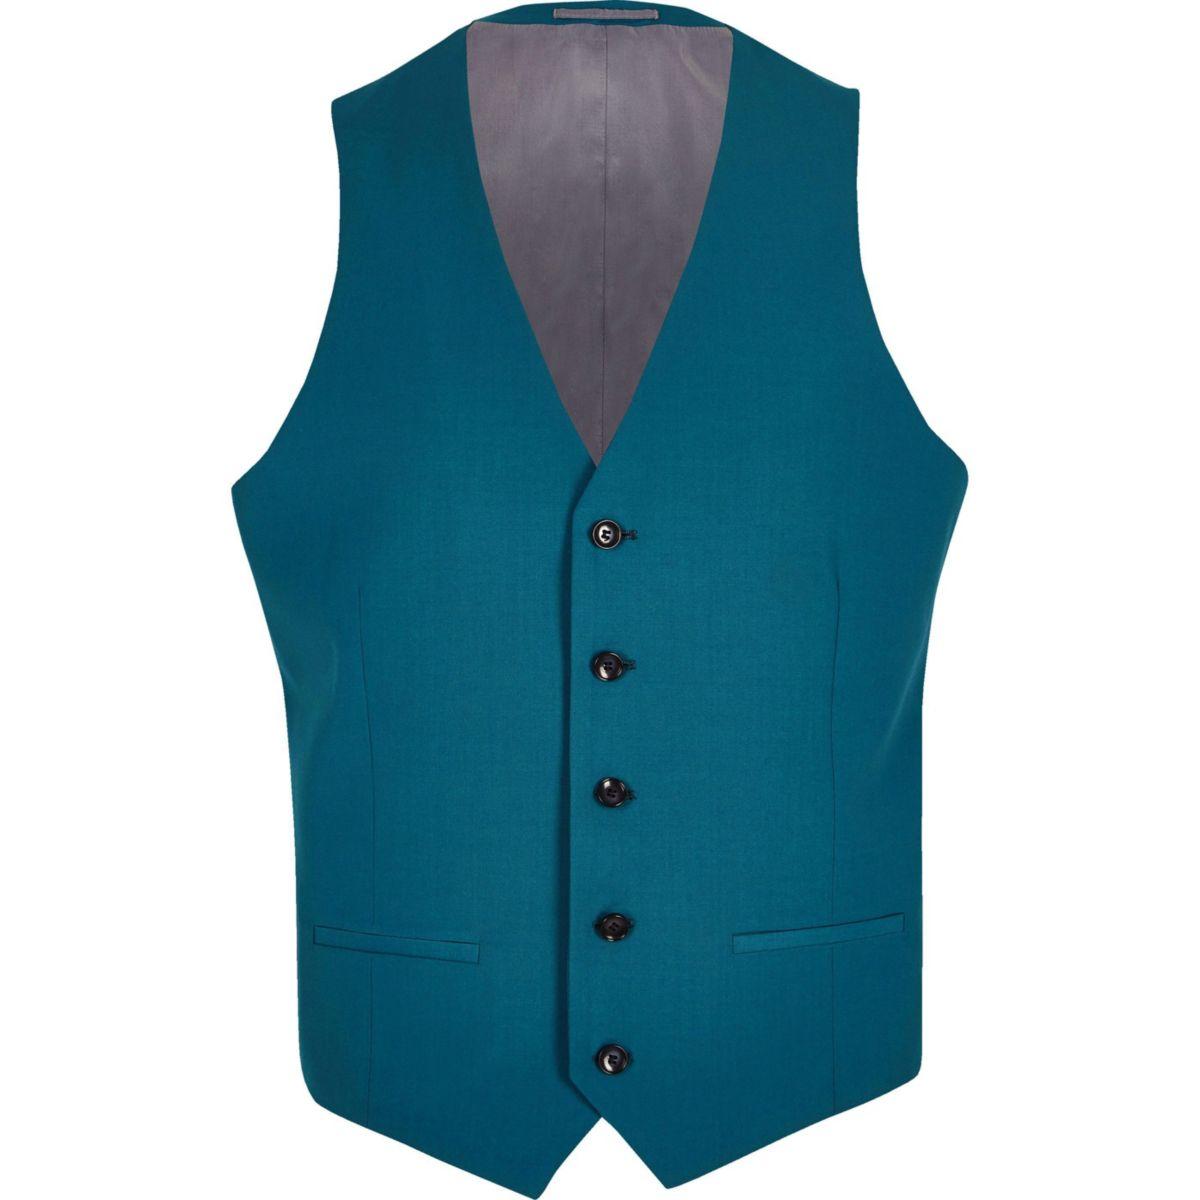 gilet de costume bleu canard costumes promo homme. Black Bedroom Furniture Sets. Home Design Ideas